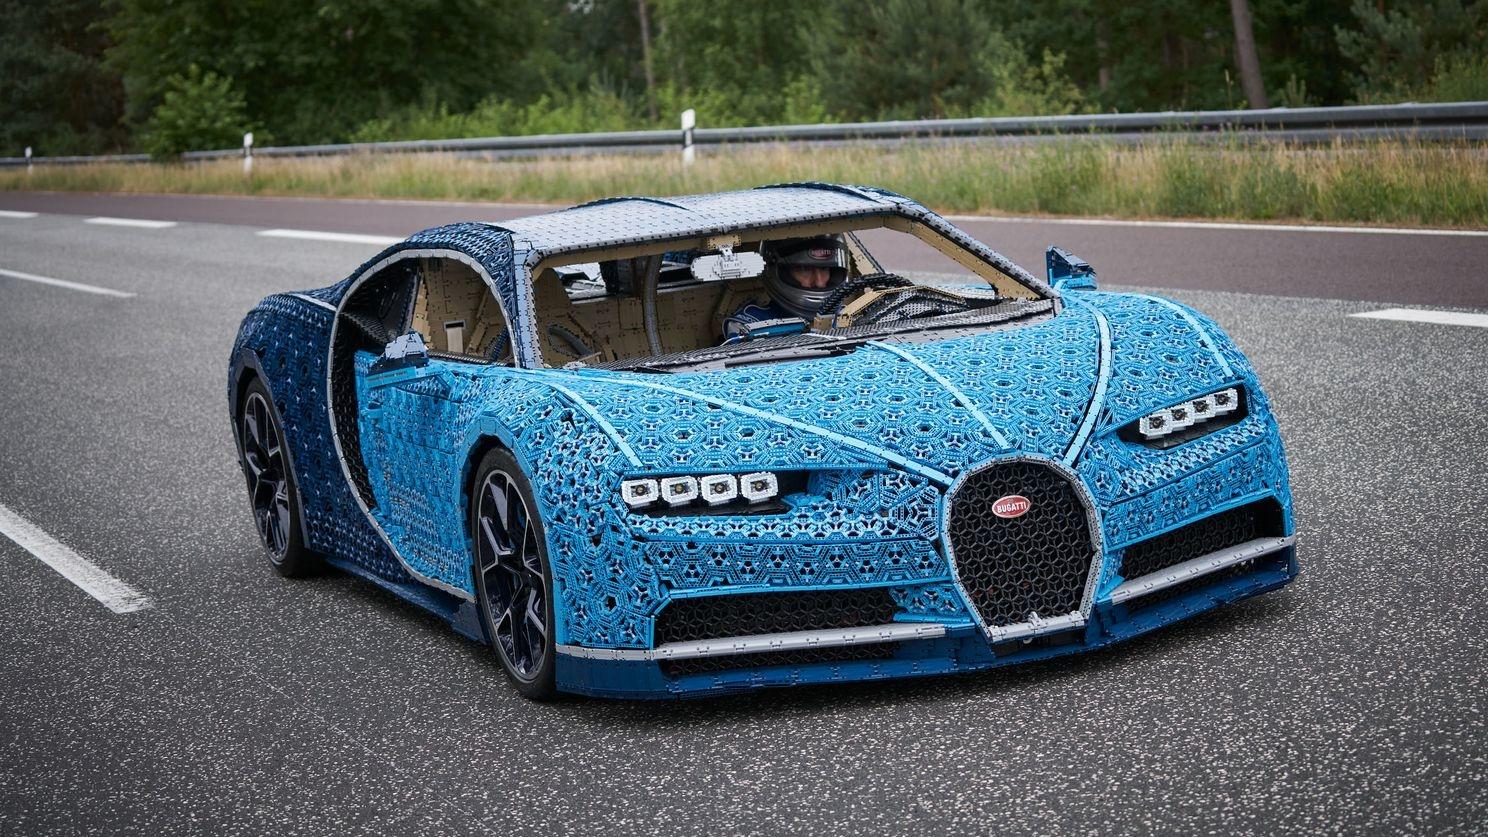 レゴで実物大のスーパーカー「ブガッティ・シロン」が完成。部品100万点以上、実際に運転可能 , Engadget 日本版